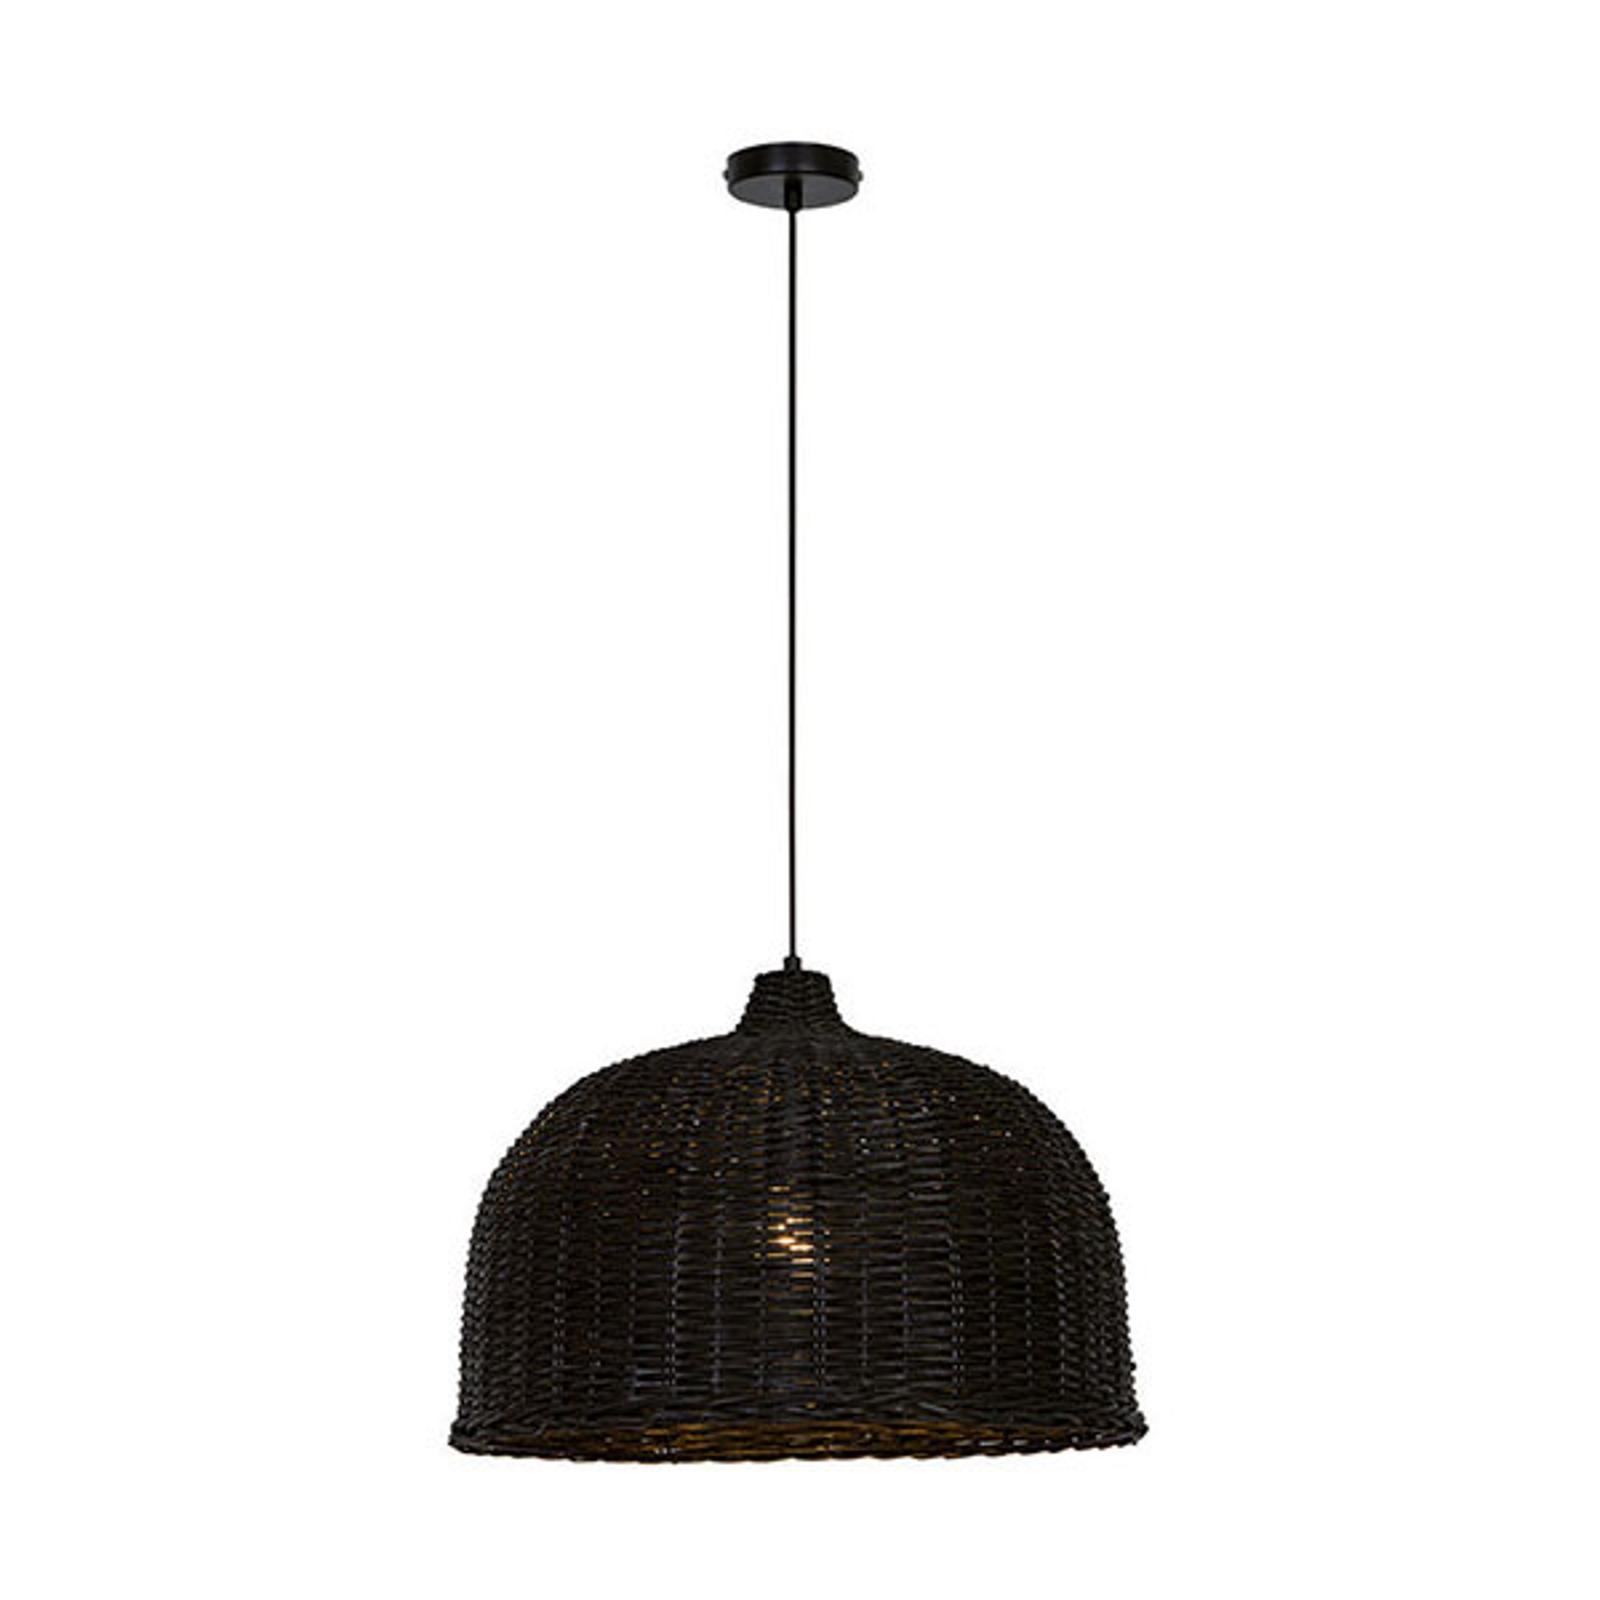 Lampa wisząca Malibu z drewna, czarna